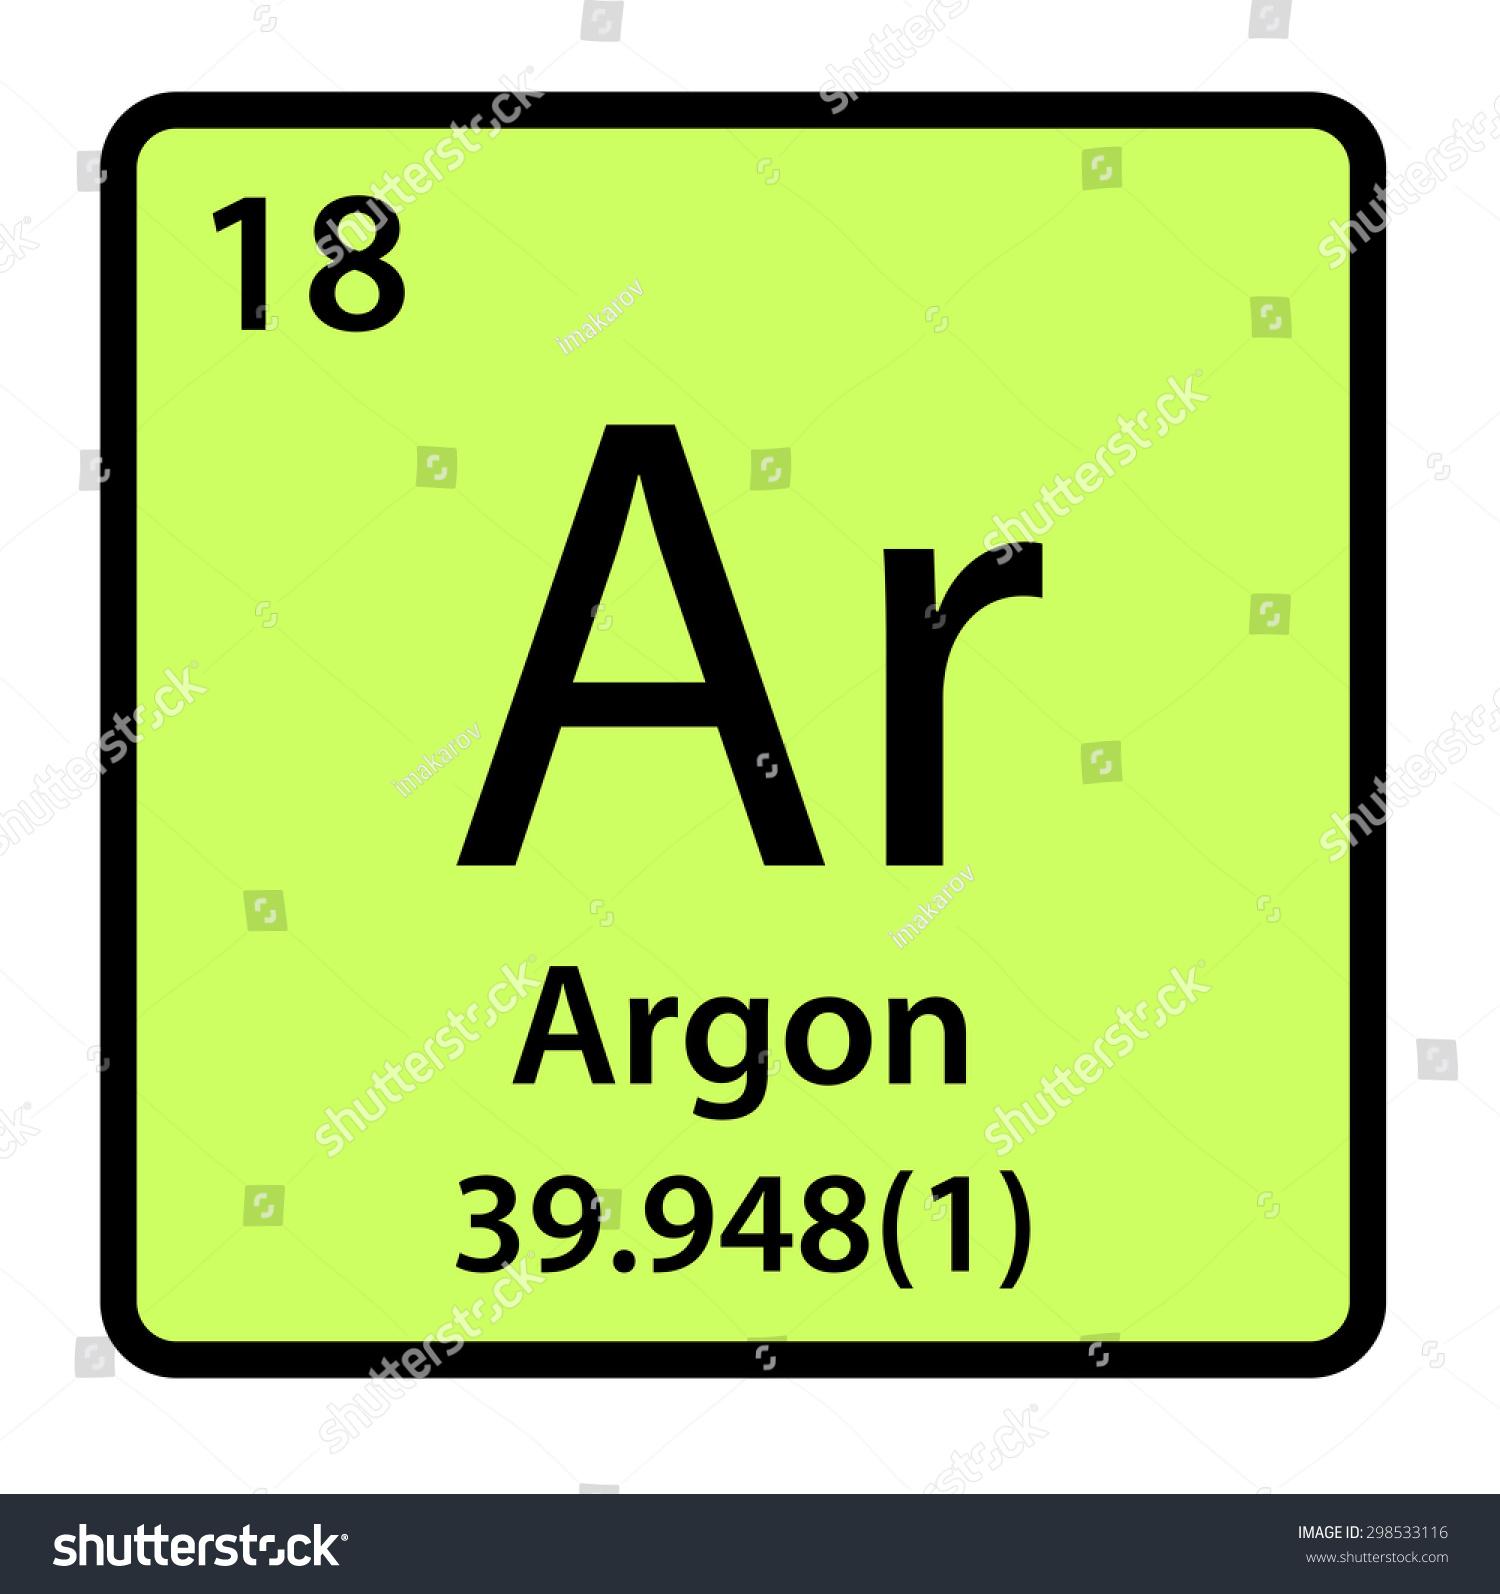 Argon periodic table symbol images periodic table images argon periodic table symbol images periodic table images periodic table argon aviongoldcorp periodic table argon aviongoldcorp gamestrikefo Choice Image